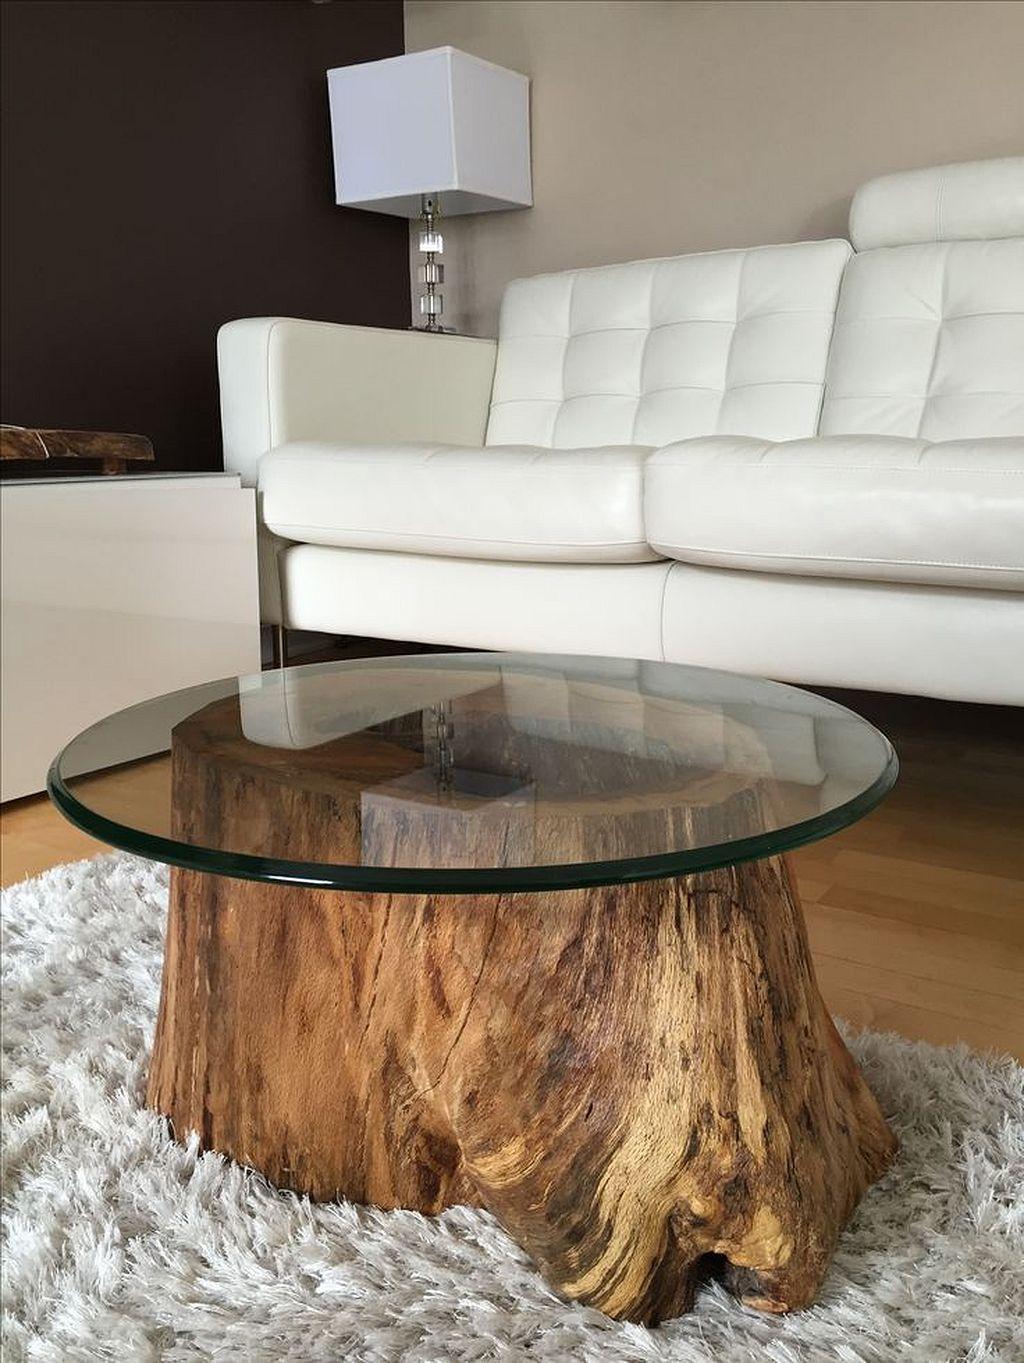 Table basse ronde en rondin de bois